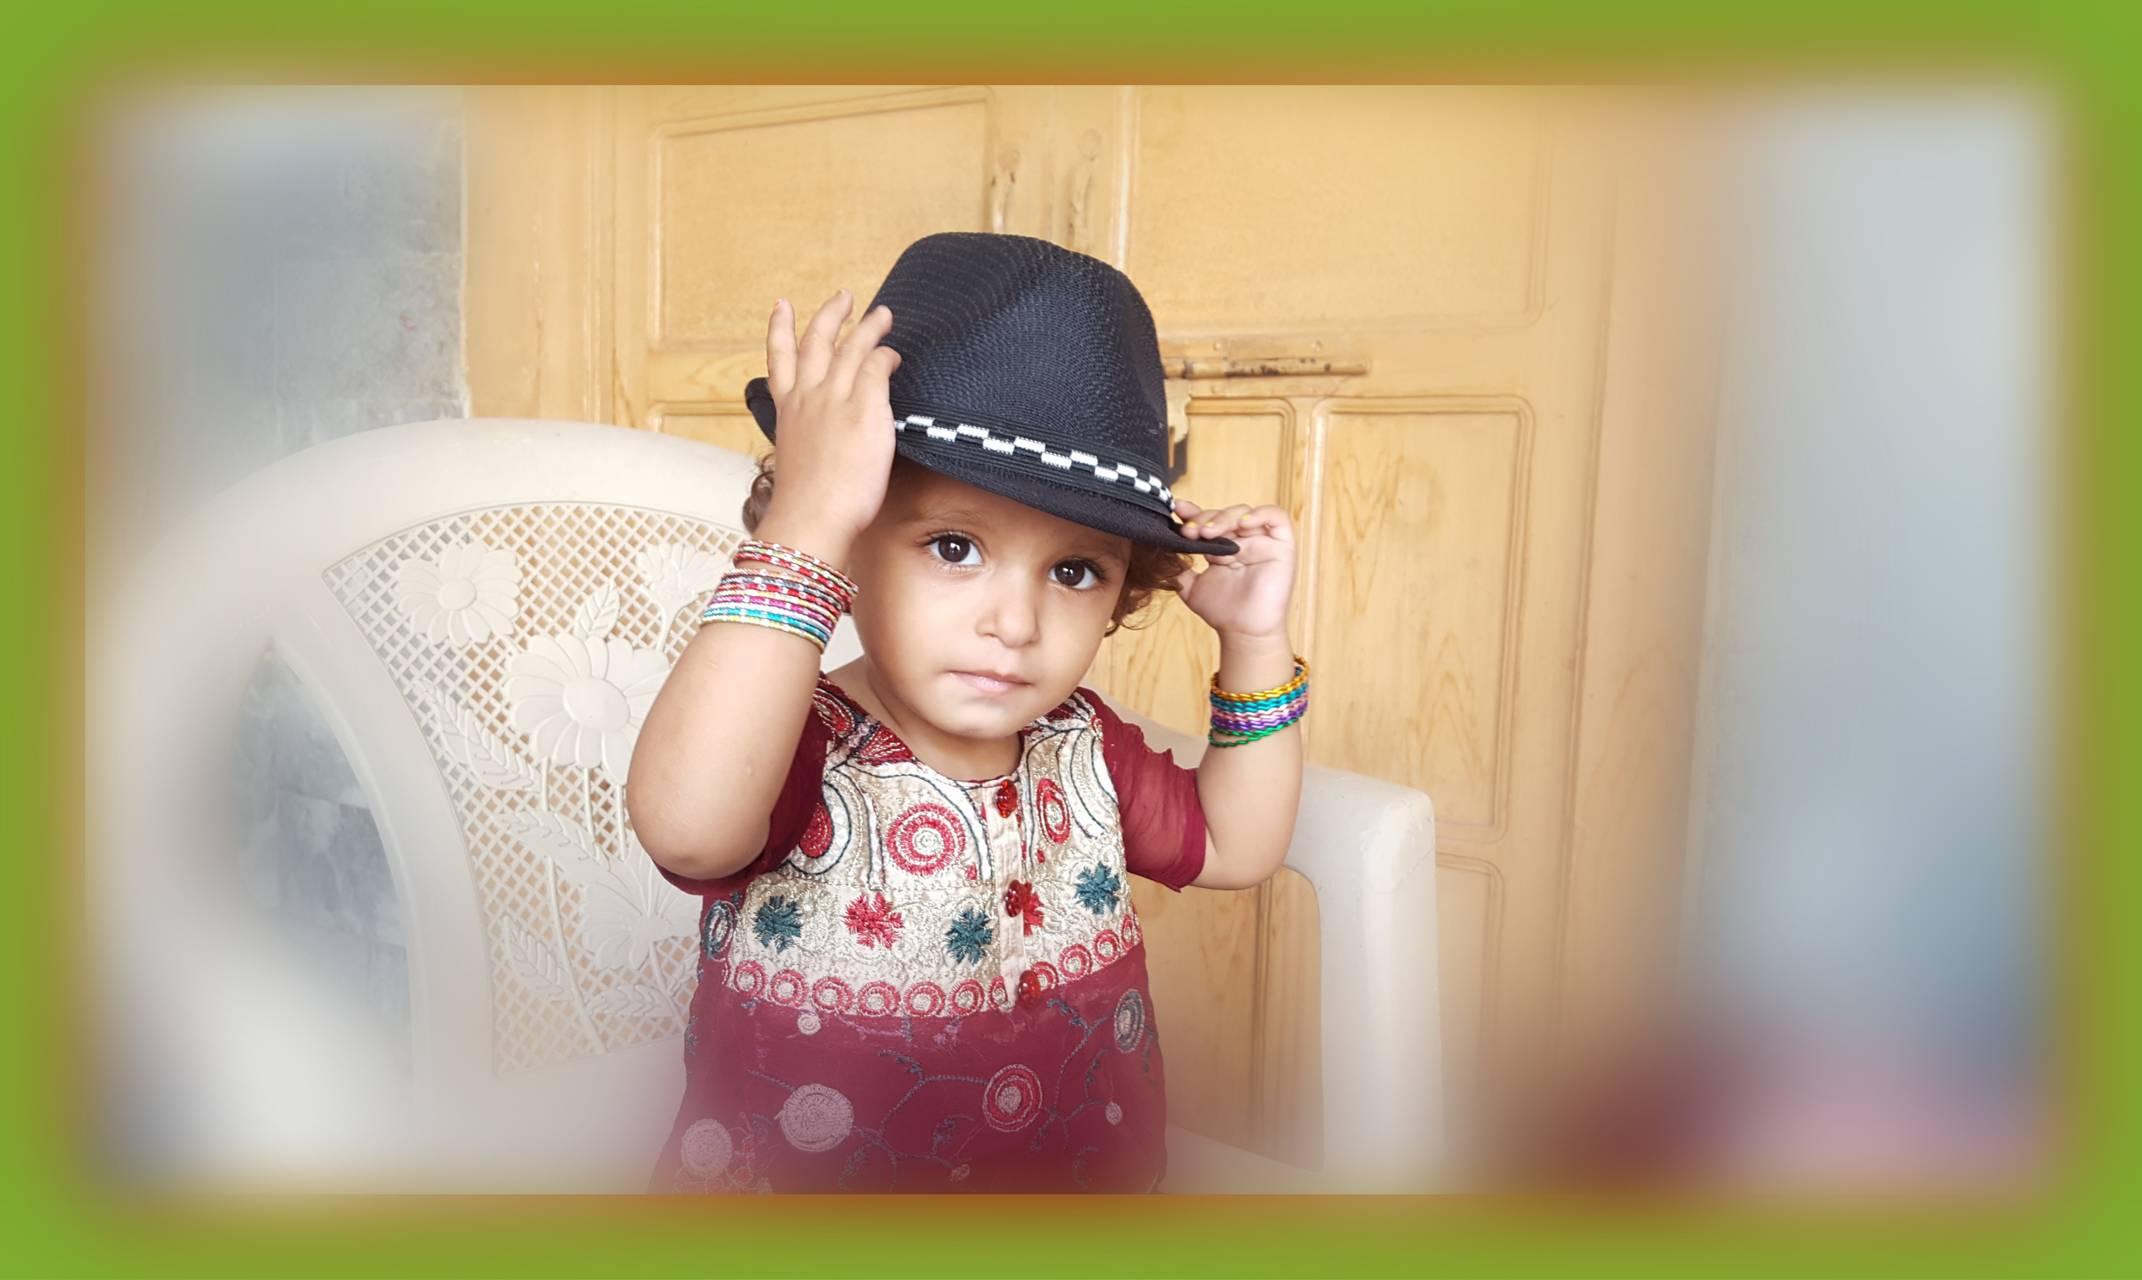 Fatima Dear